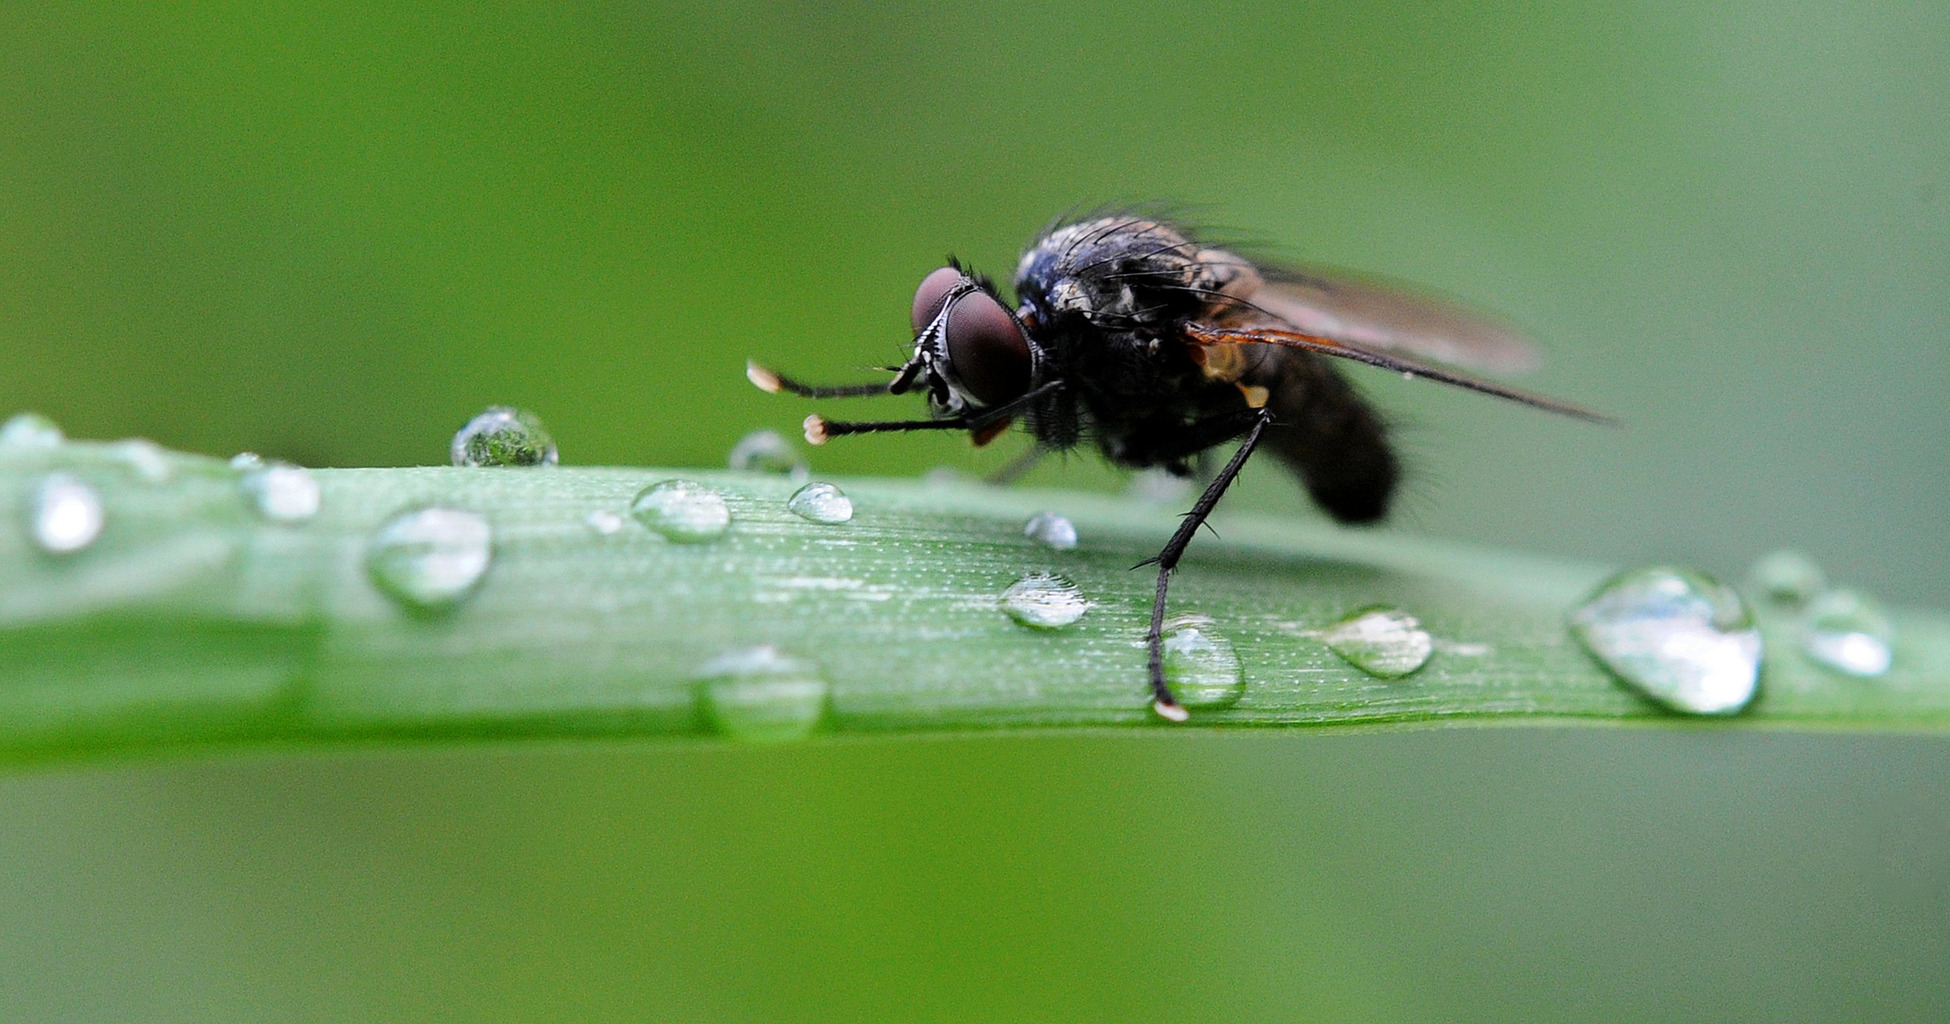 Comment Éloigner Les Mouches À L Extérieur astuce vacances : comment créer un épouvantail à mouches